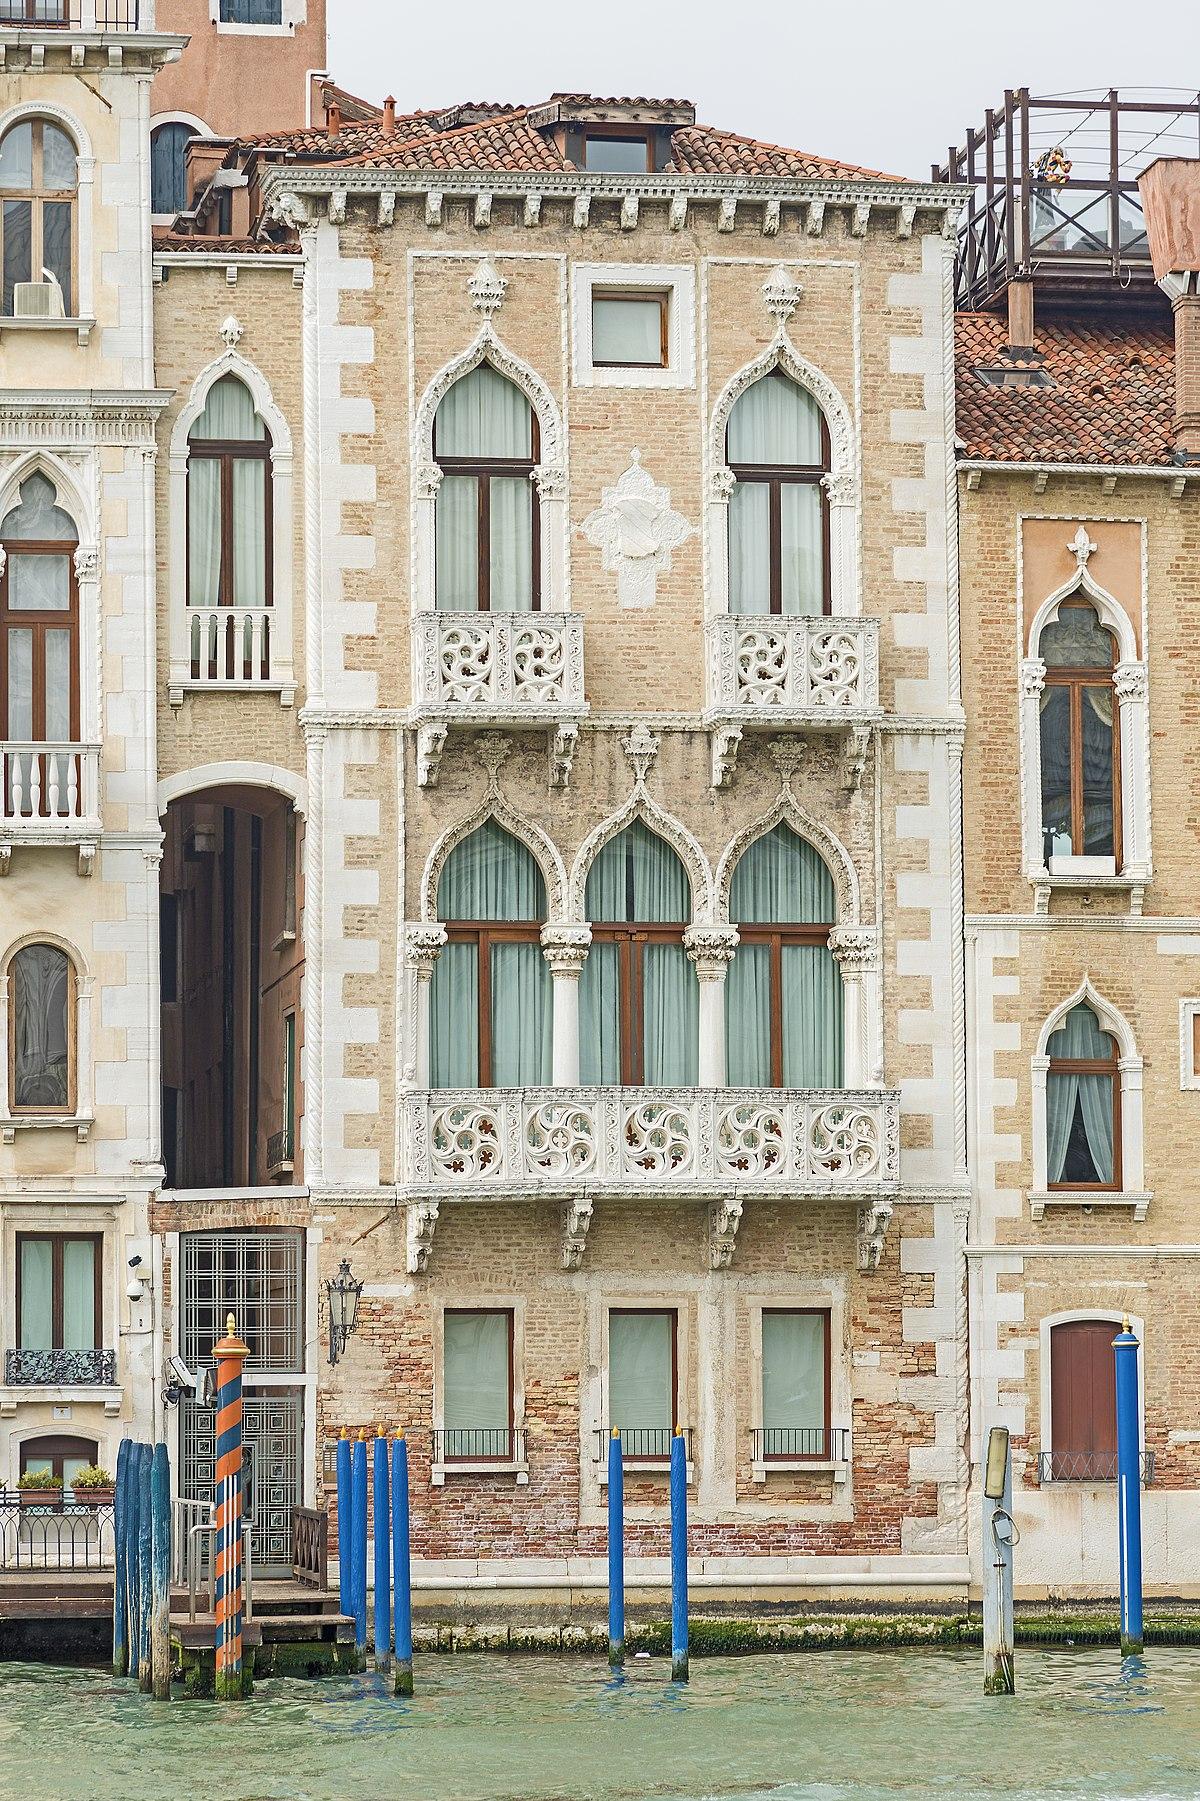 Palazzo contarini fasan wikipedia for Piani casa sul tetto di bassa altezza